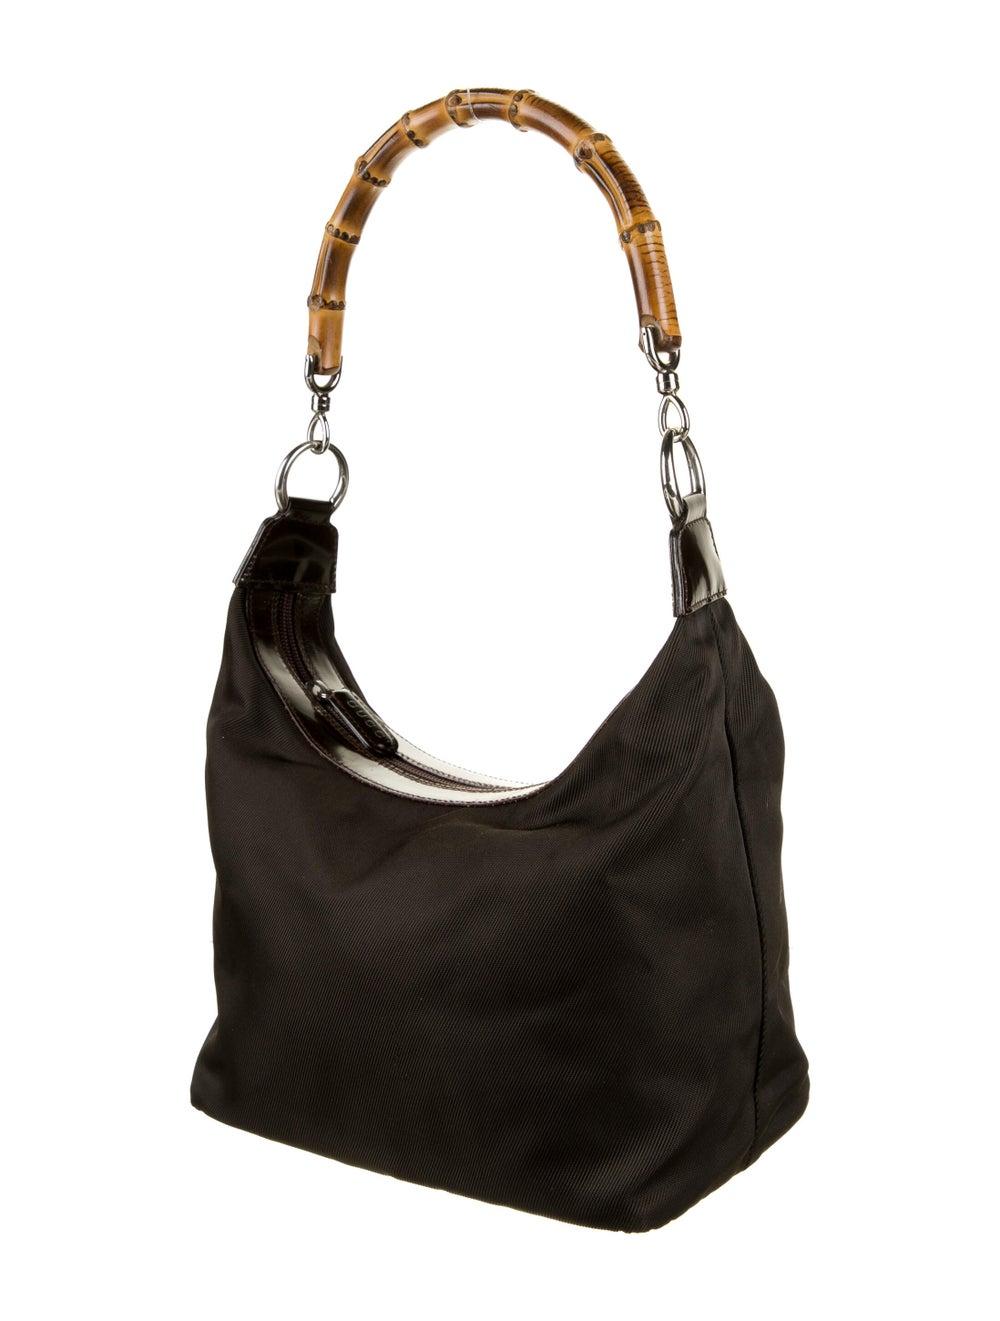 Gucci Vintage Bamboo Nylon Shoulder Bag Brown - image 3